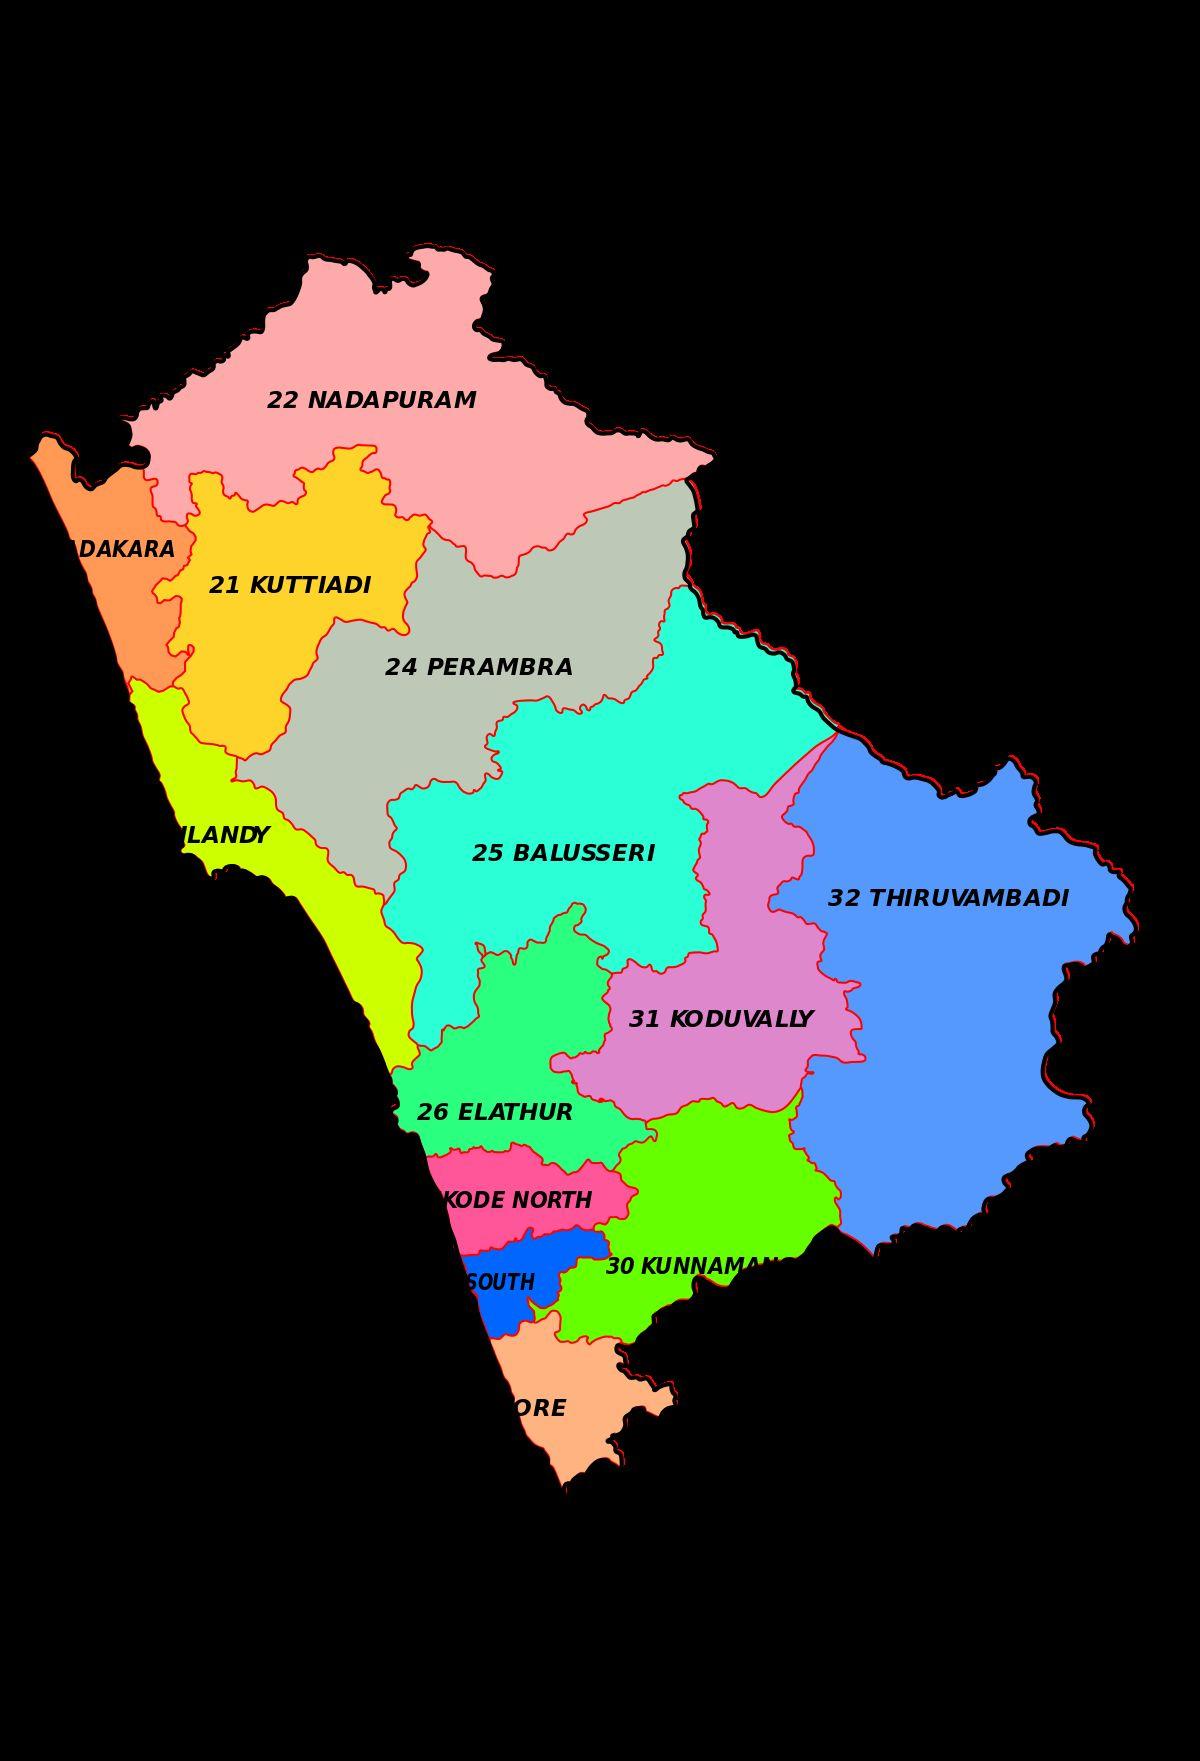 കോഴിക്കോട് ജില്ലയില് 24,70,953 വോട്ടര്മാര്